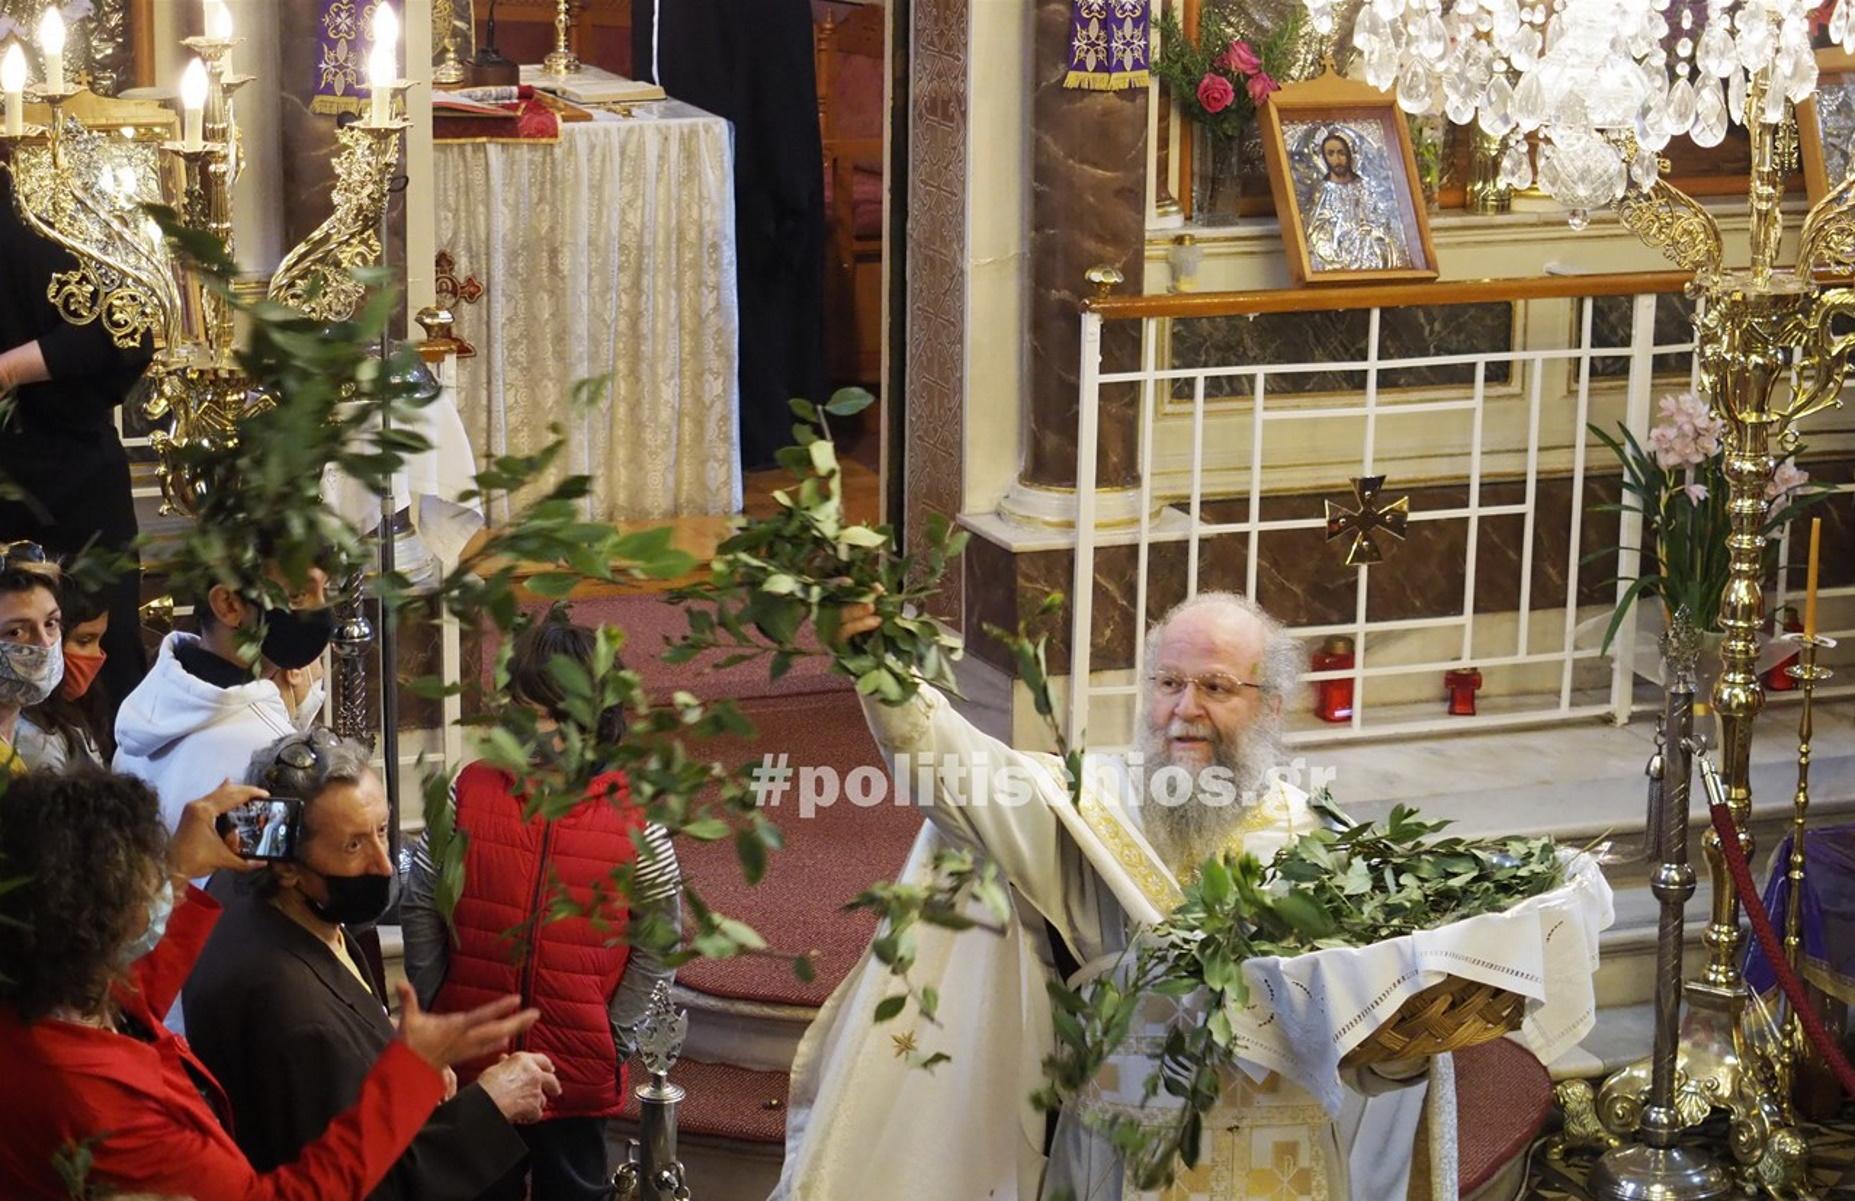 Χίος: Η πρώτη Ανάσταση – Ο παπα Γουρλής έστειλε το  χαρμόσυνο μήνυμα (pics)